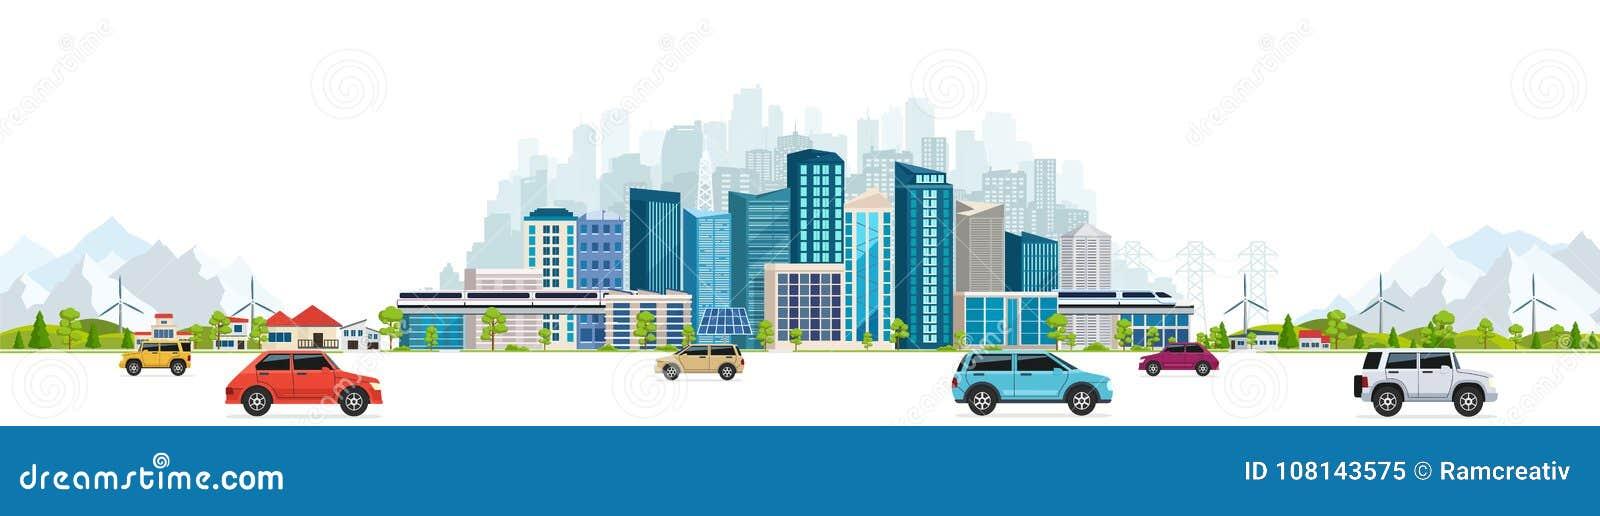 Городской ландшафт с большими современными зданиями